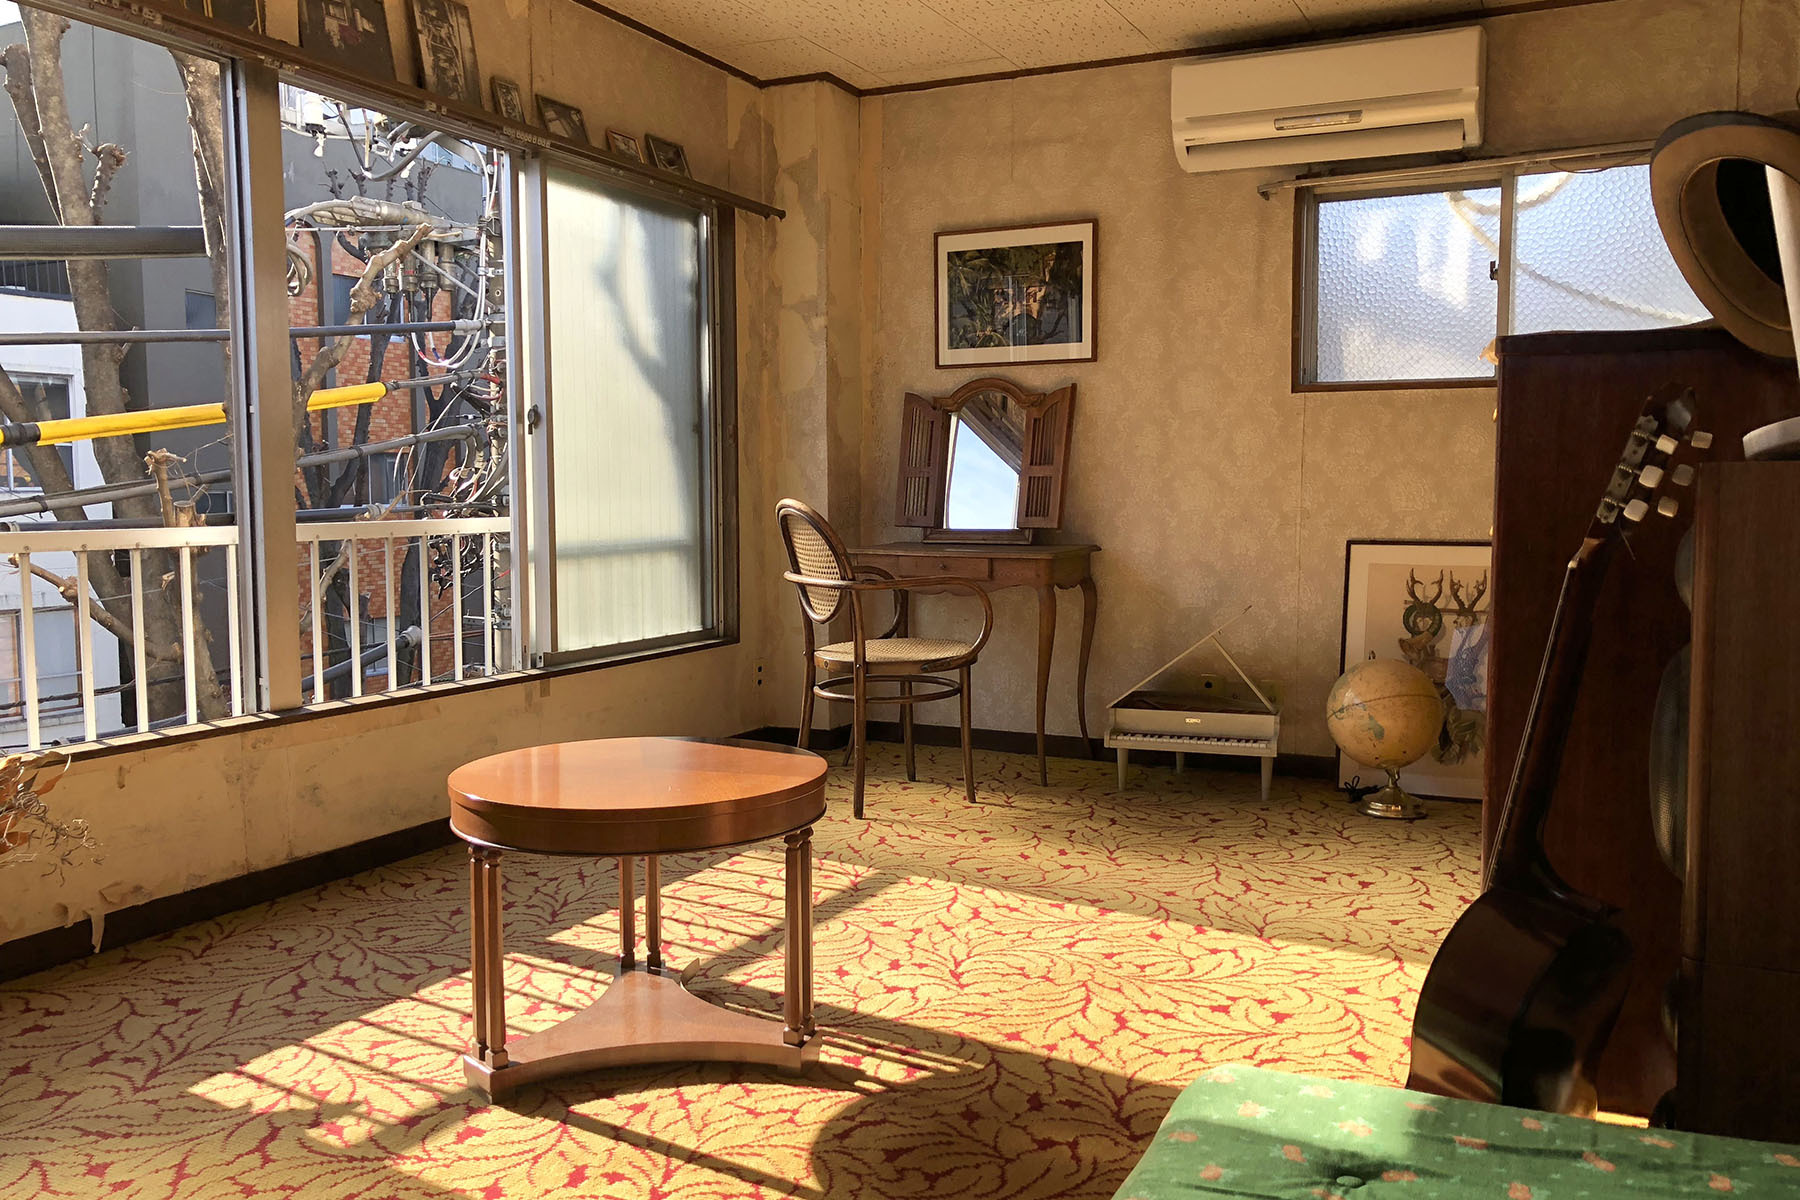 塩/シェアアトリエ (ropeマネジメントスペース)3F レトロな壁紙と絨毯の洋室